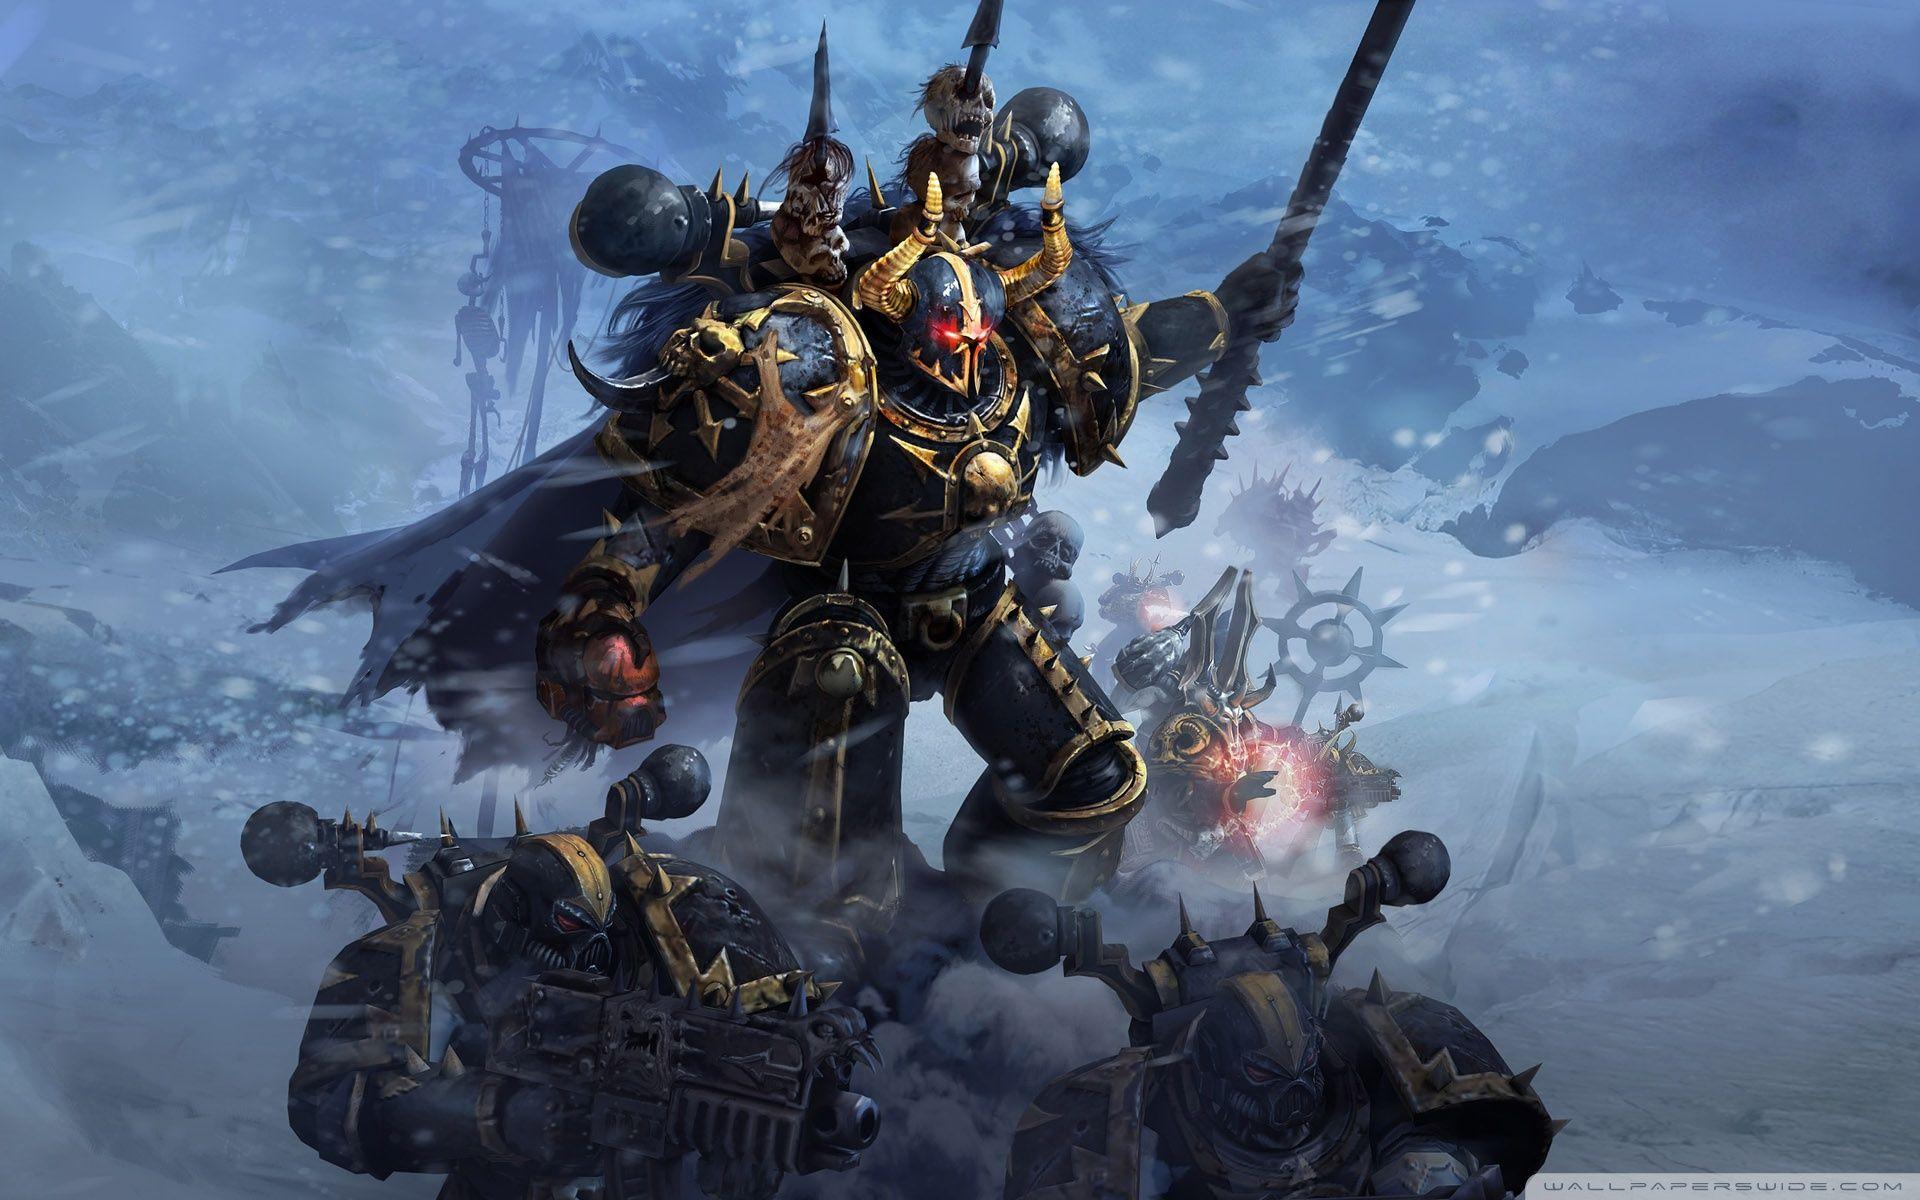 Chaos Marines Warhammer Warhammer 40k Warhammer 40k Artwork